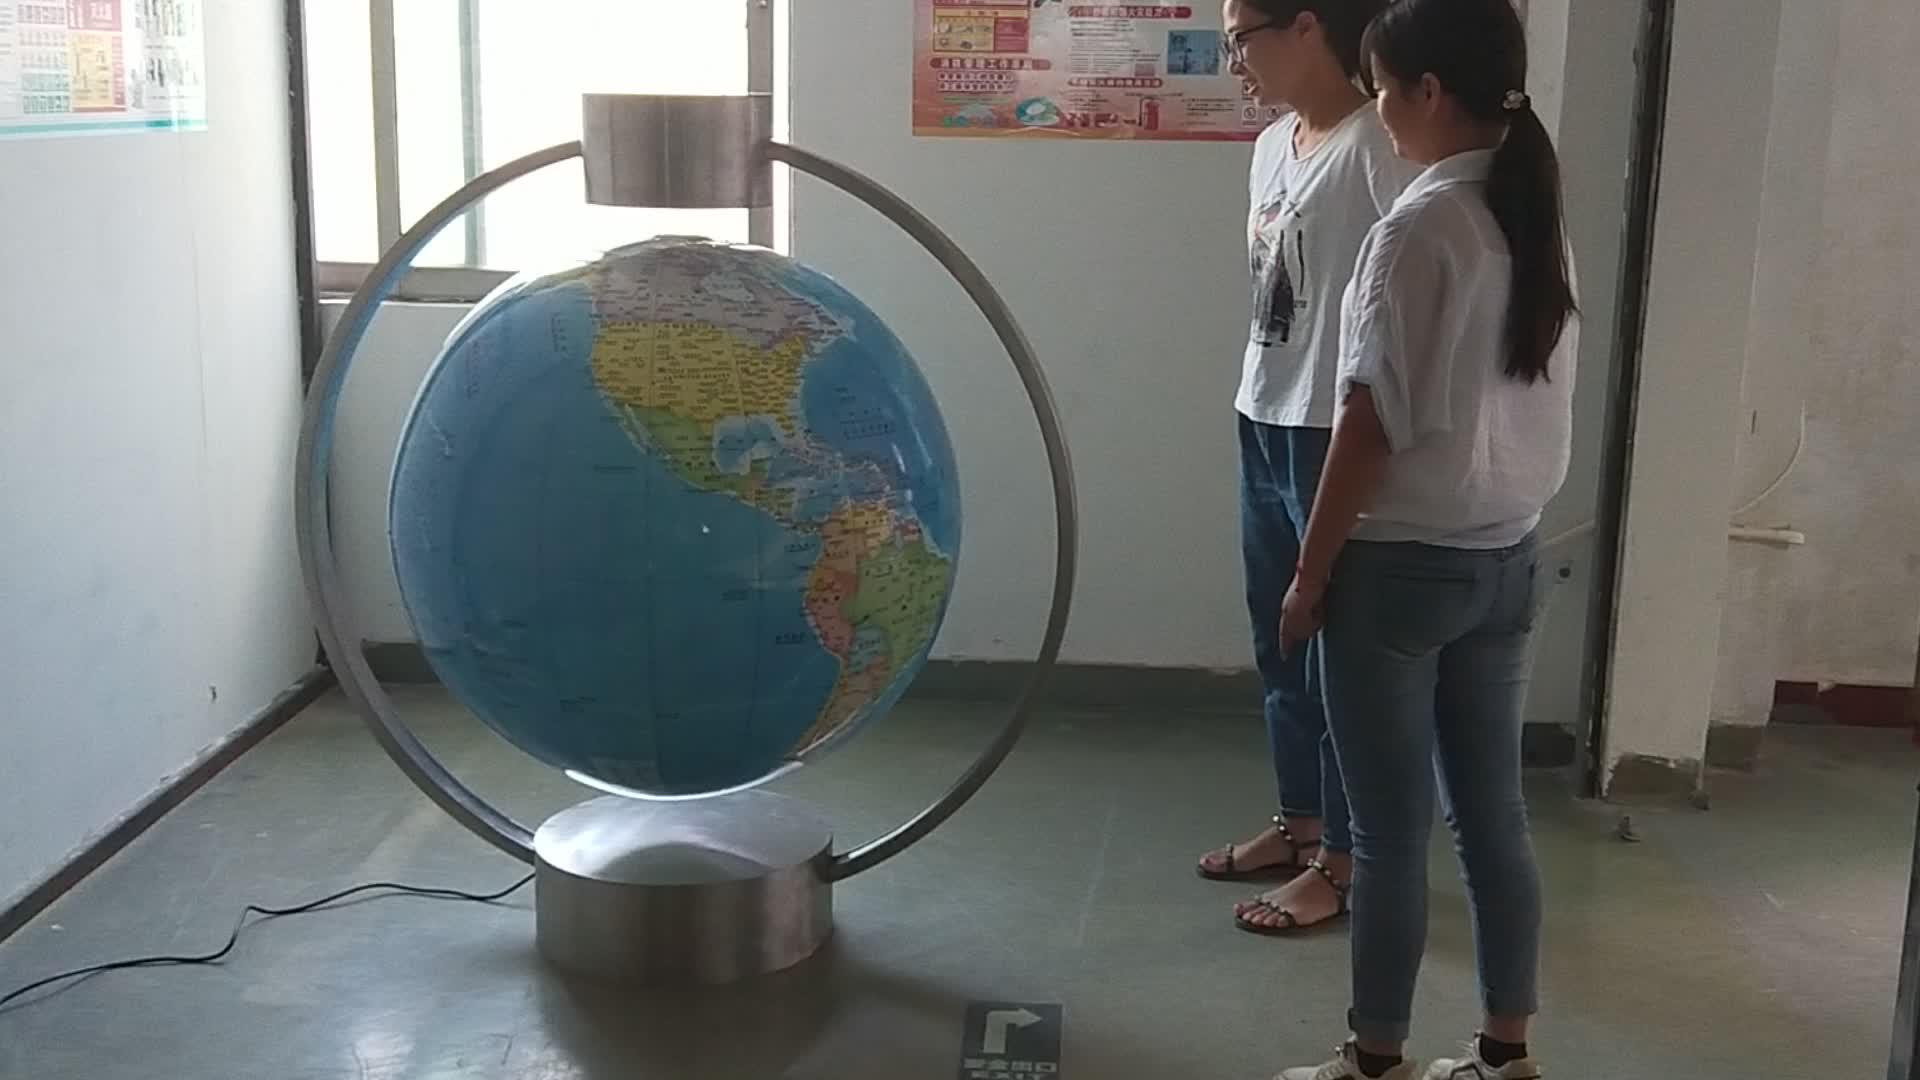 スーパーサイズプロモーションリニアモーターカー浮上地球儀/マジック地理教育ツール、グローブ直径 100 センチメートル